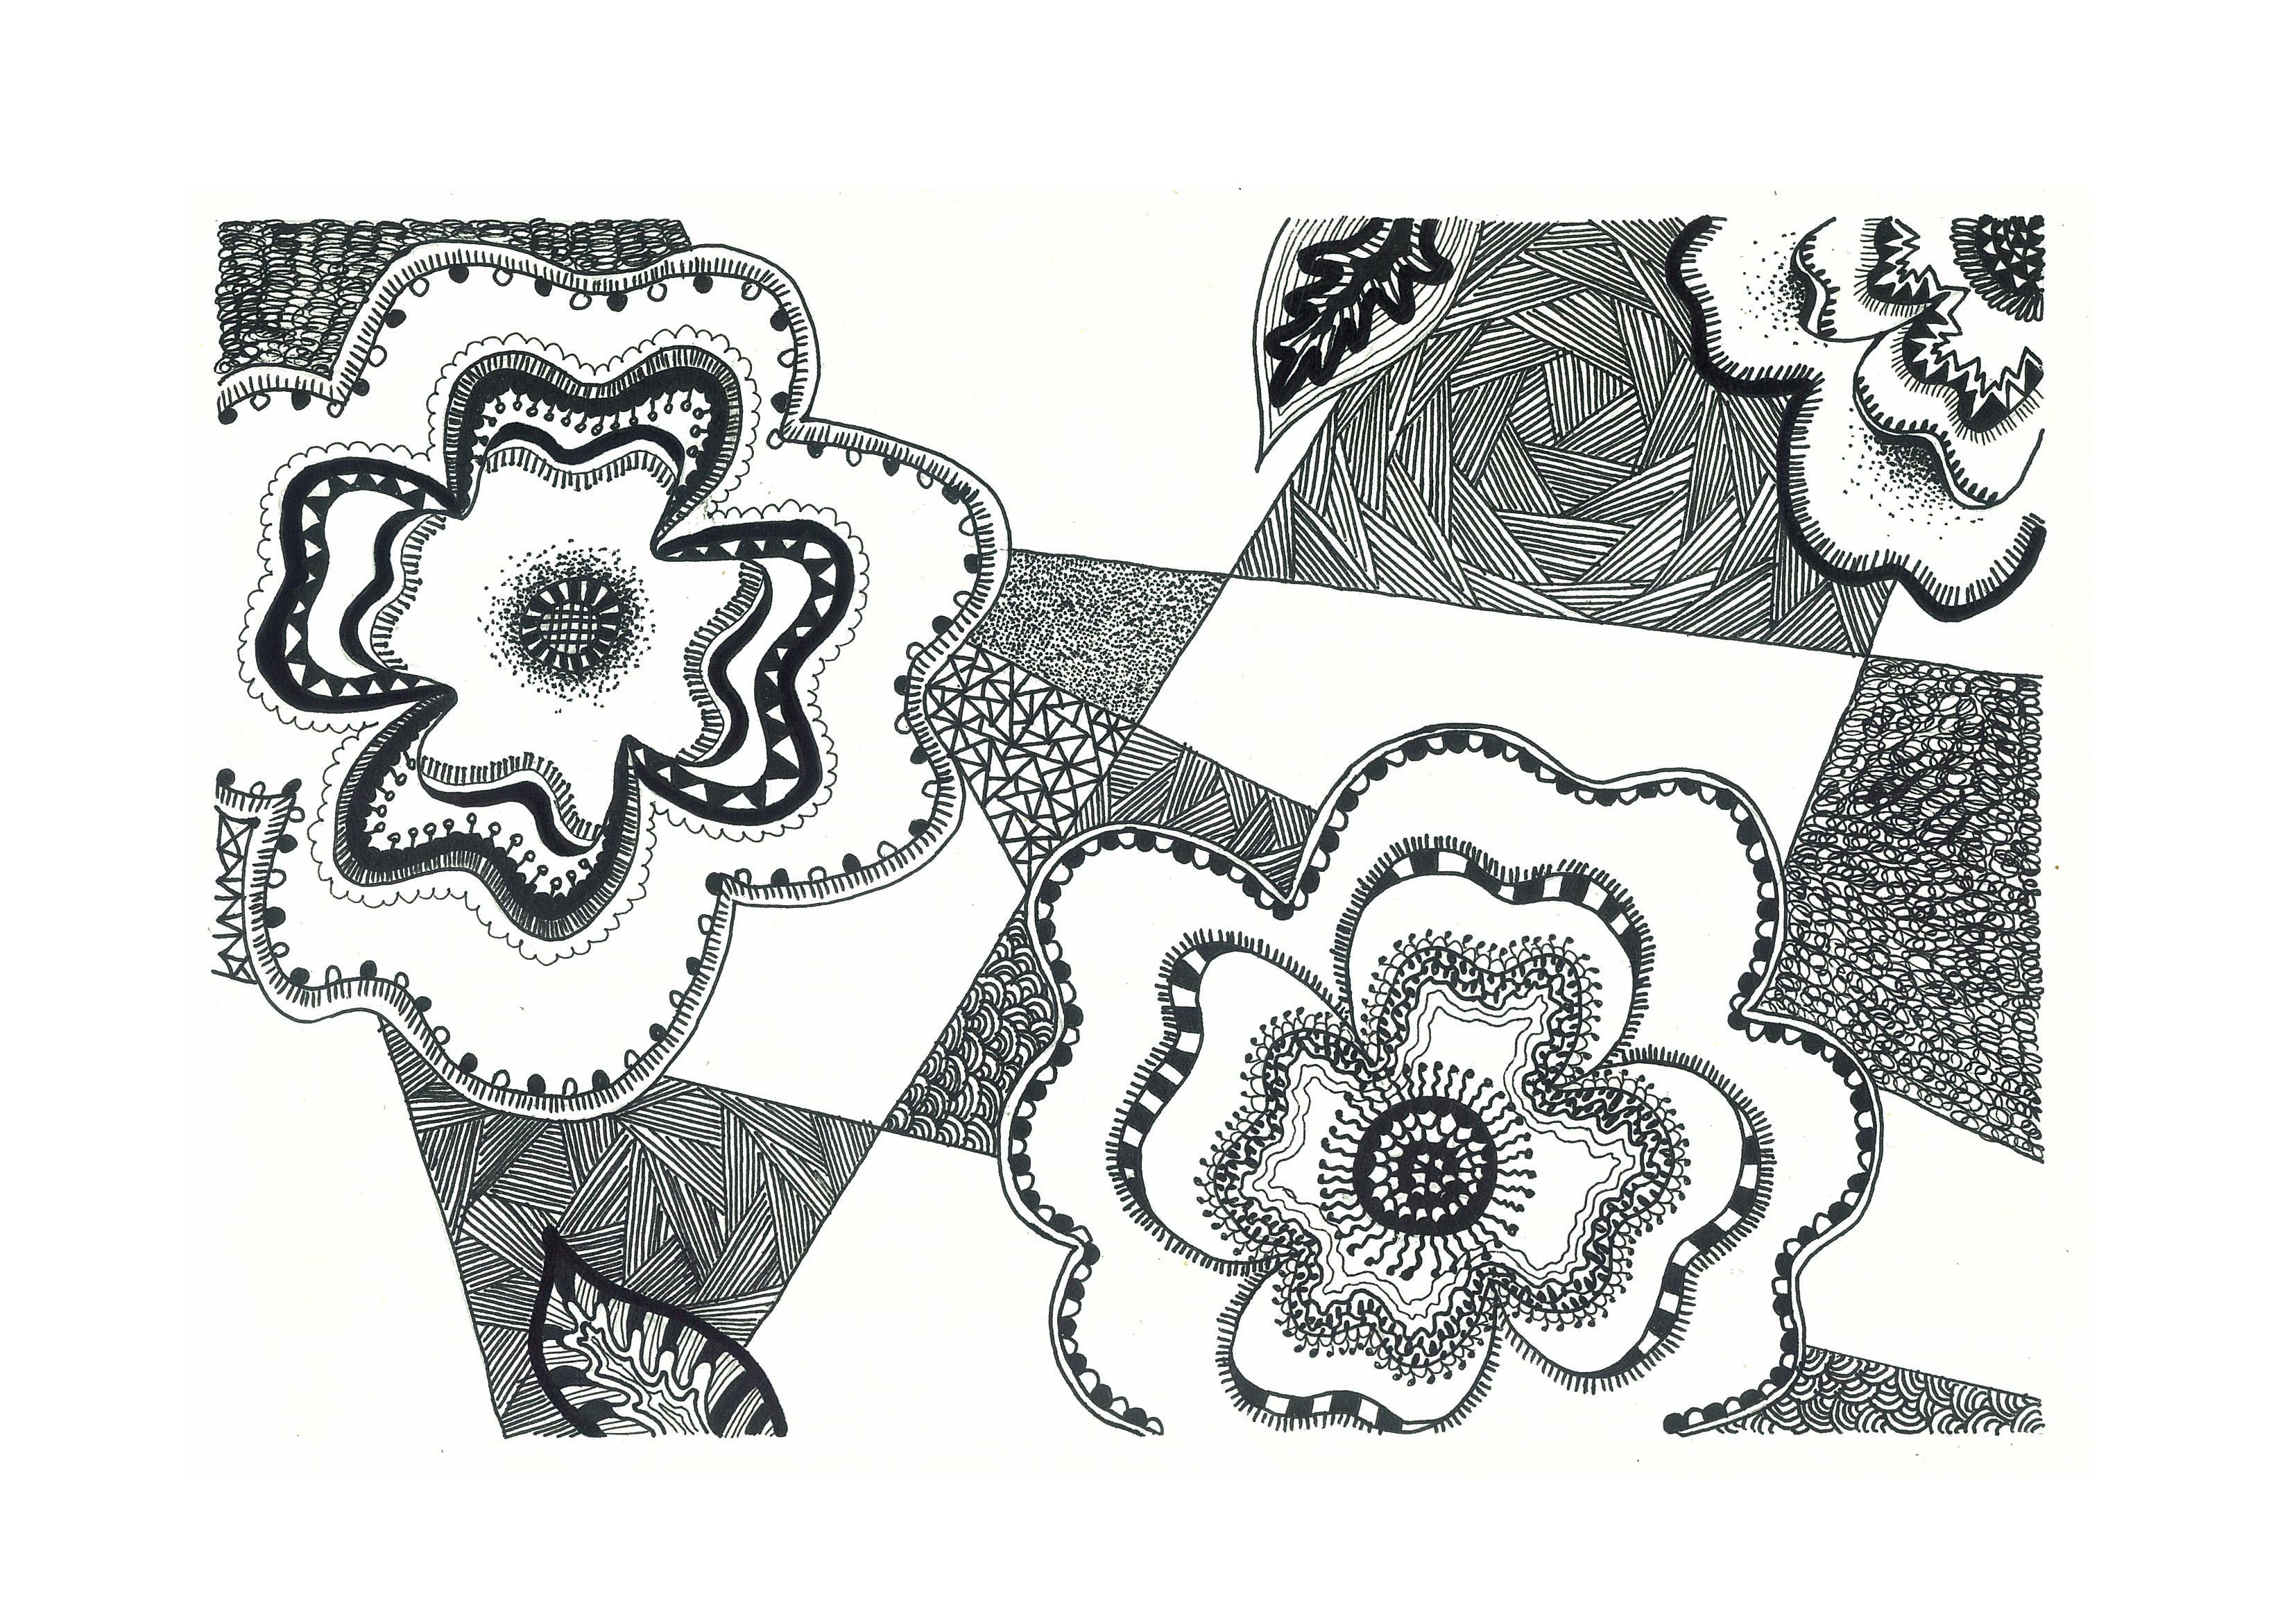 简笔画 设计 矢量 矢量图 手绘 素材 线稿 3310_2340